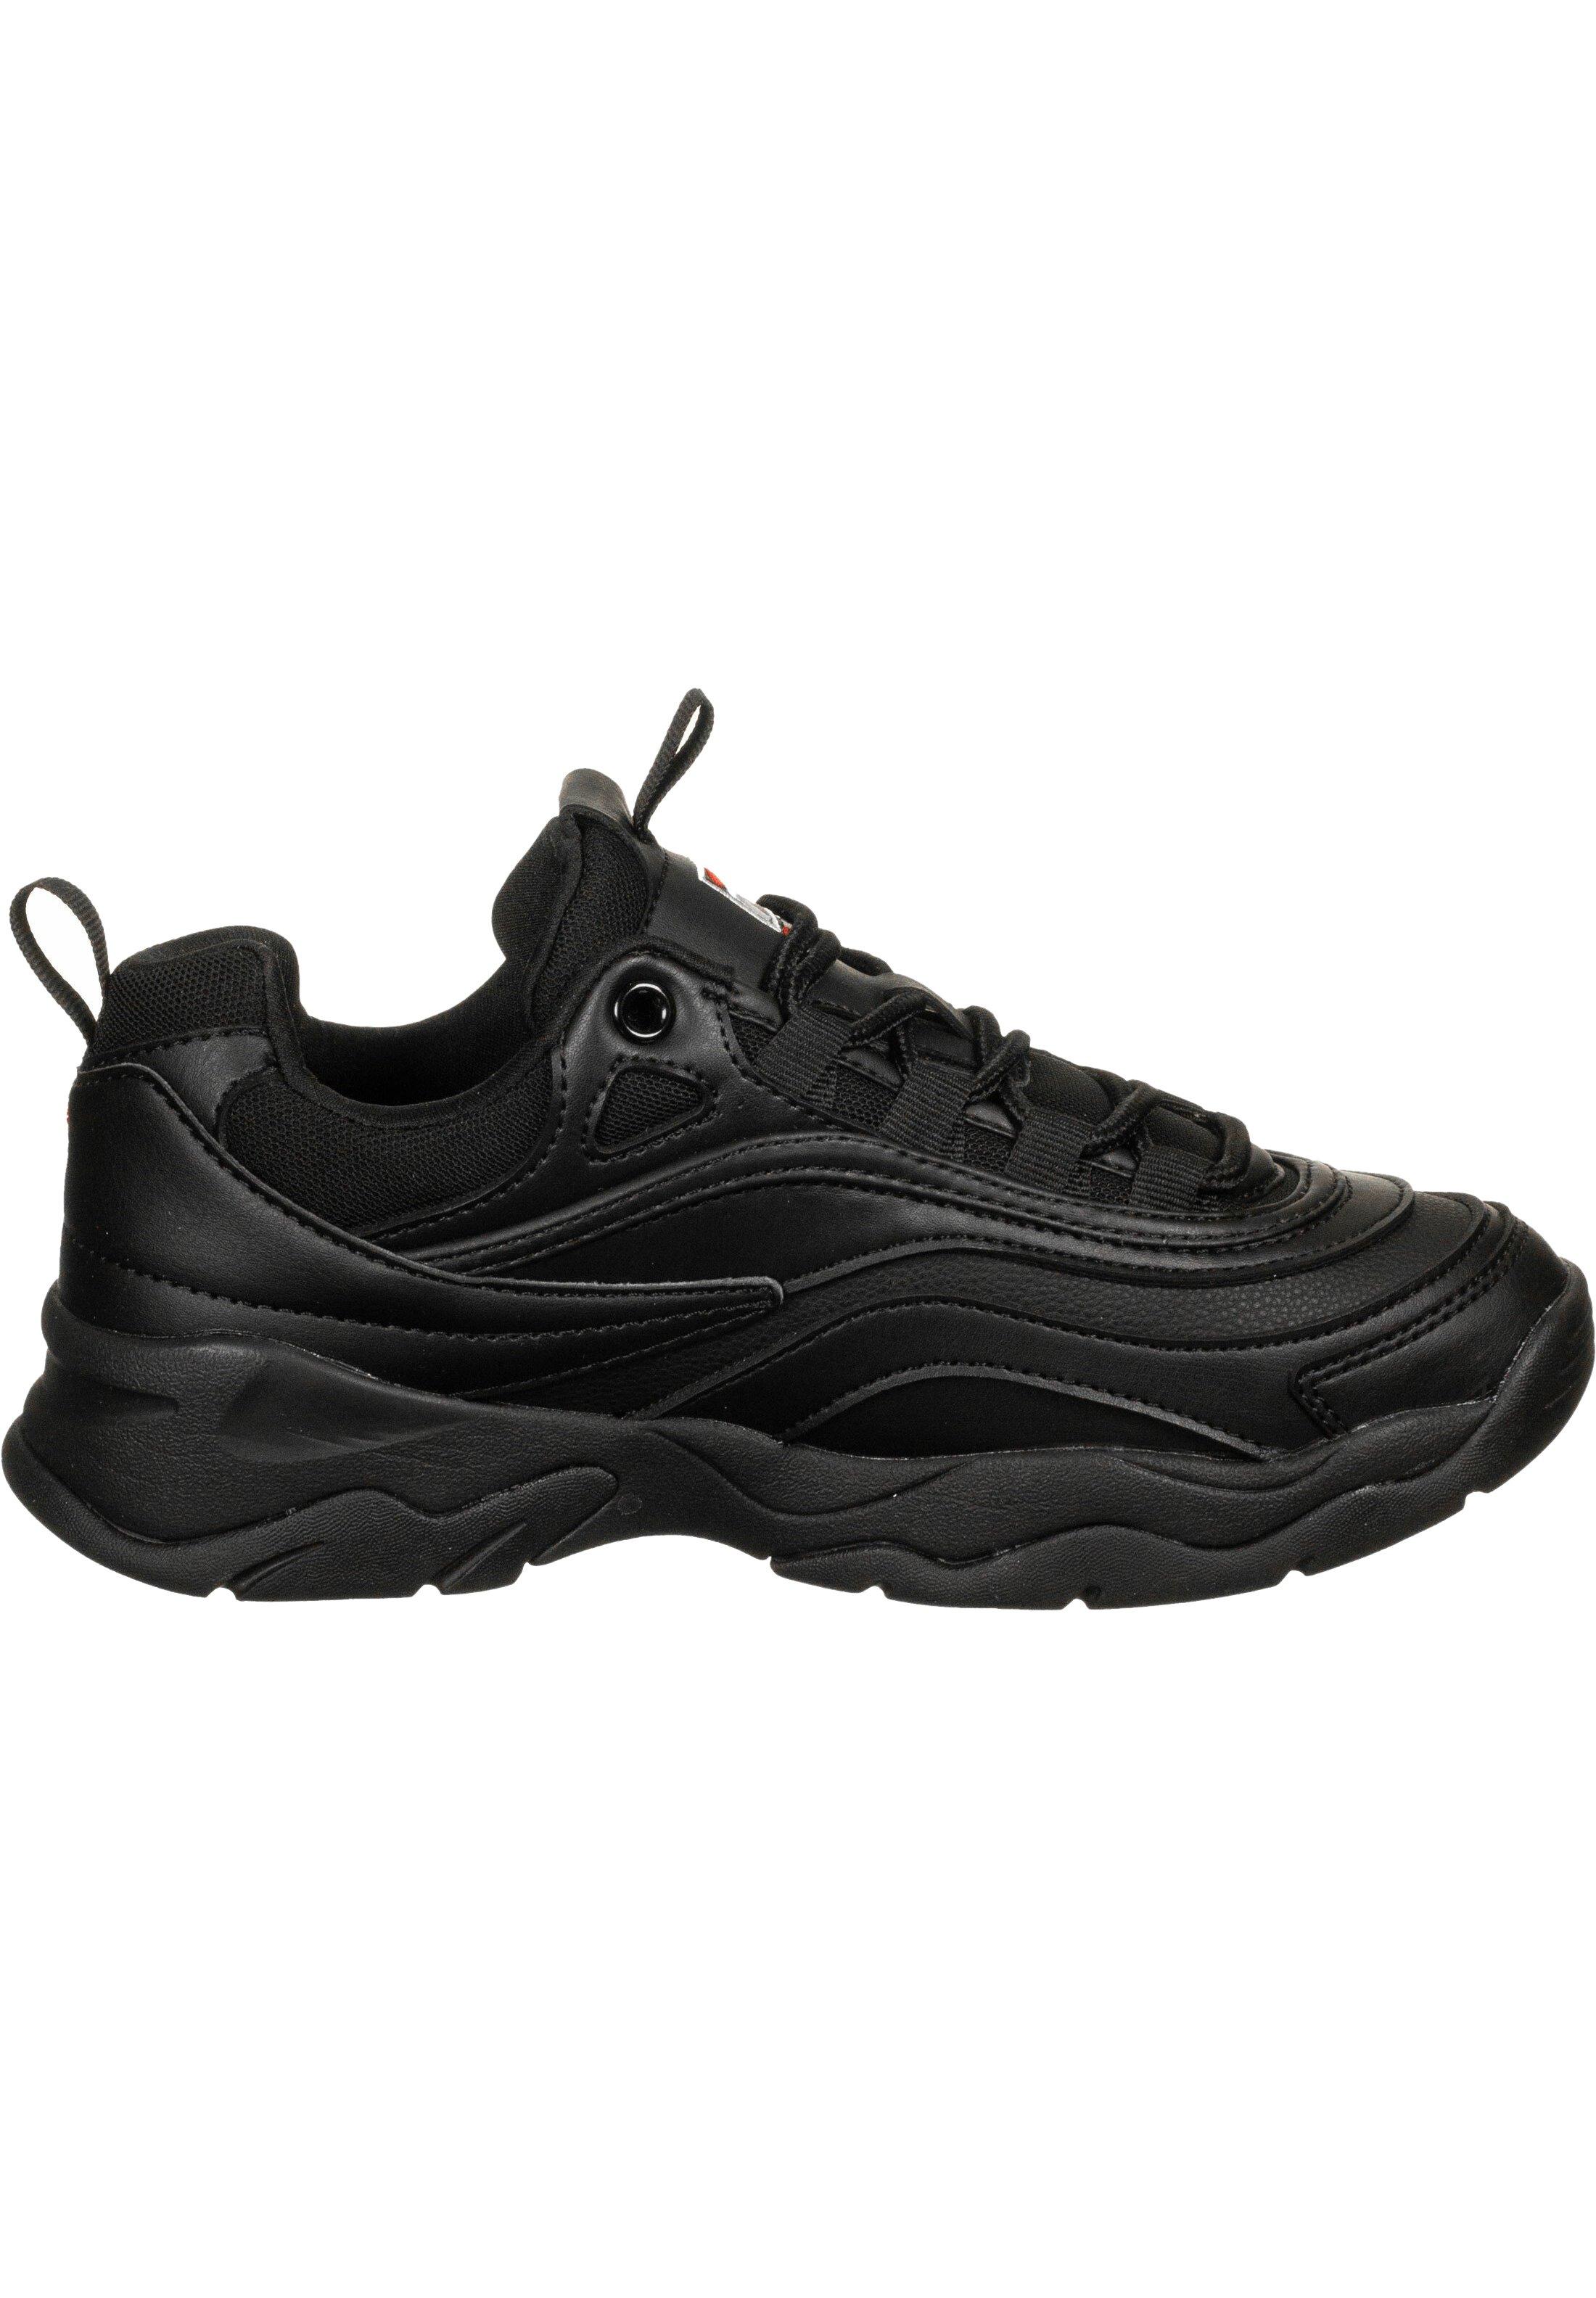 Fila Sneaker low - black h64jiO